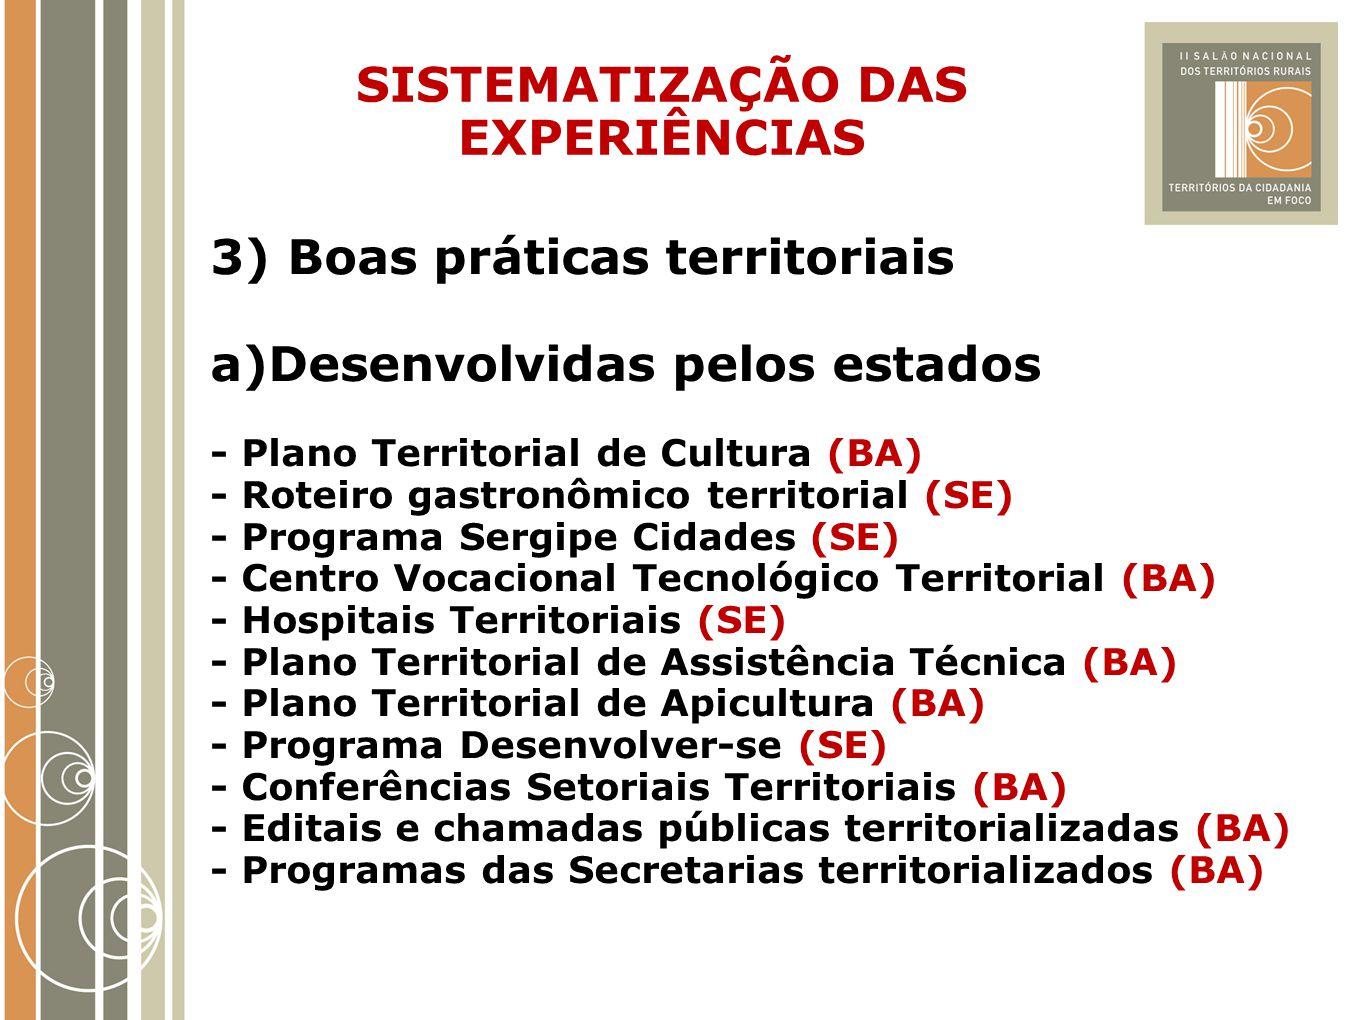 SISTEMATIZAÇÃO DAS EXPERIÊNCIAS 3) Boas práticas territoriais a)Desenvolvidas pelos estados - Plano Territorial de Cultura (BA) - Roteiro gastronômico